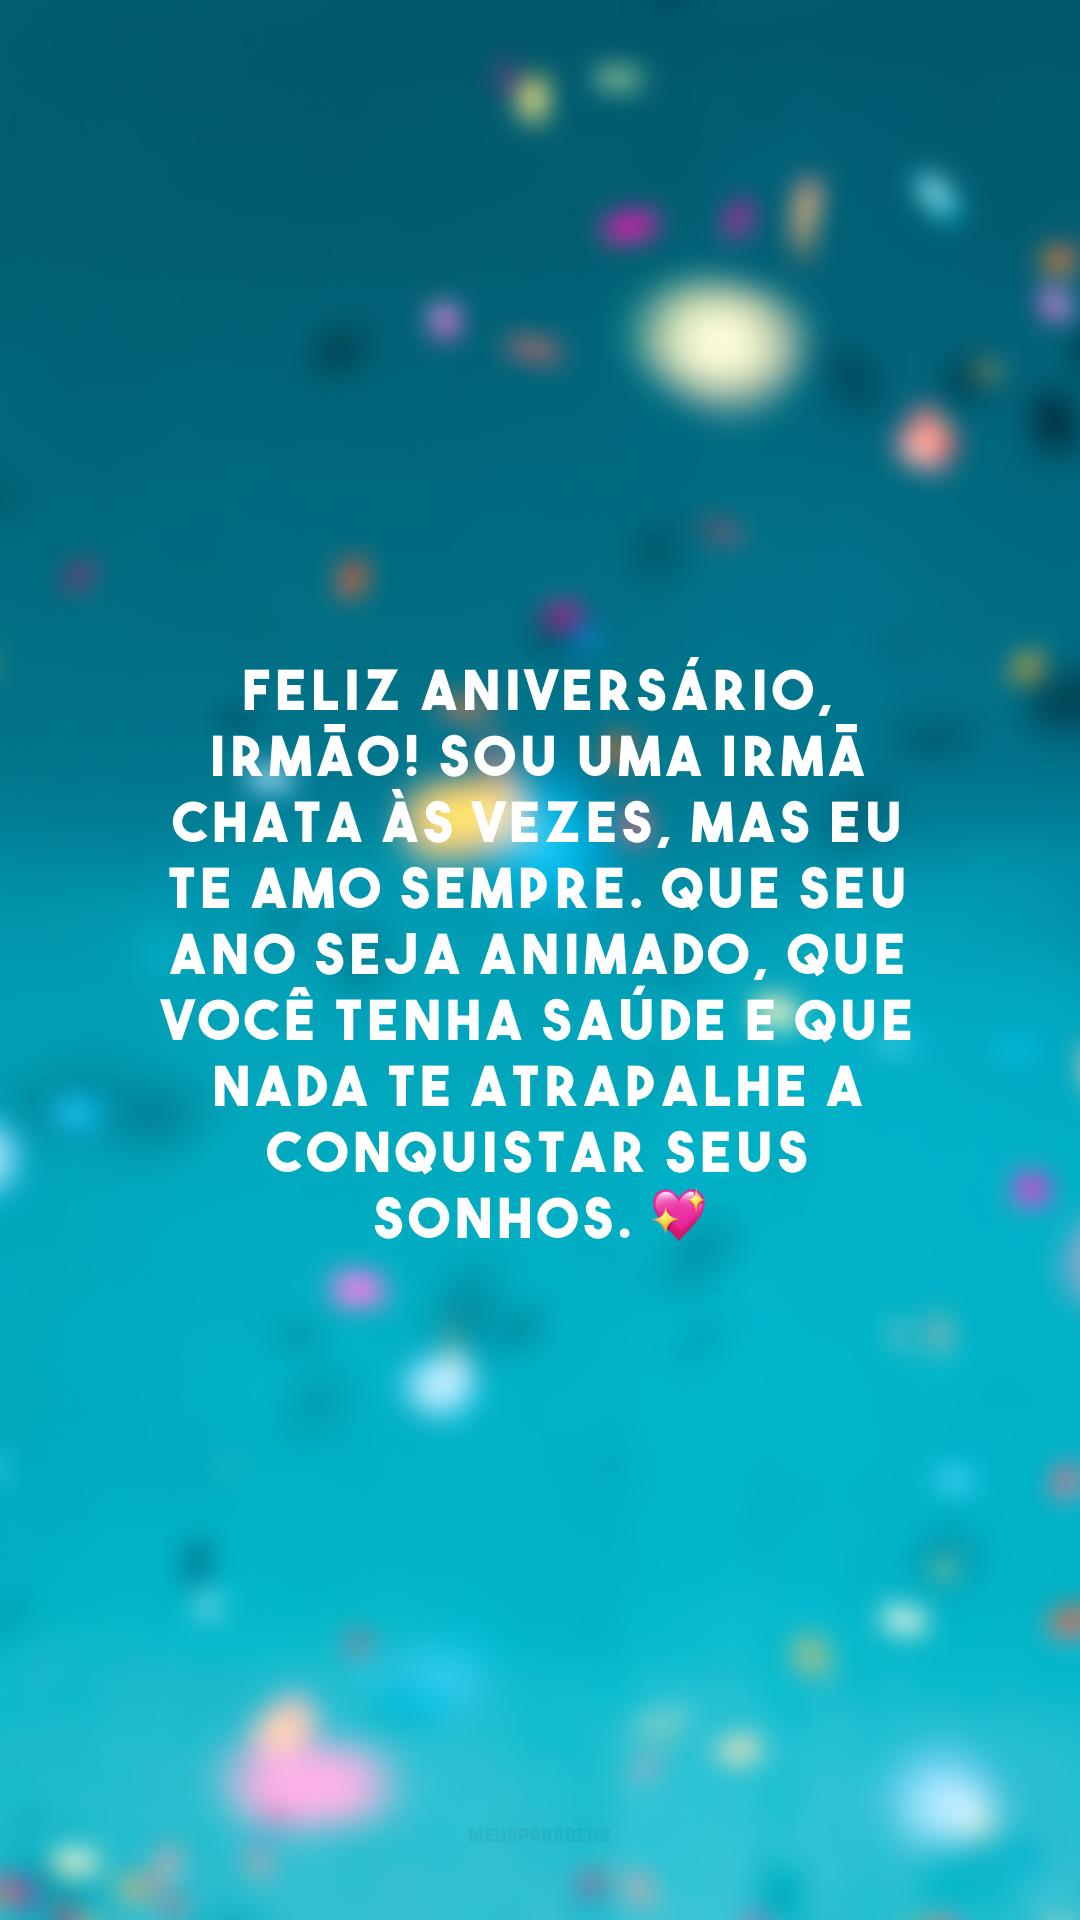 Feliz aniversário, irmão! Sou uma irmã chata às vezes, mas eu te amo sempre. Que seu ano seja animado, que você tenha saúde e que nada te atrapalhe a conquistar seus sonhos. 💖